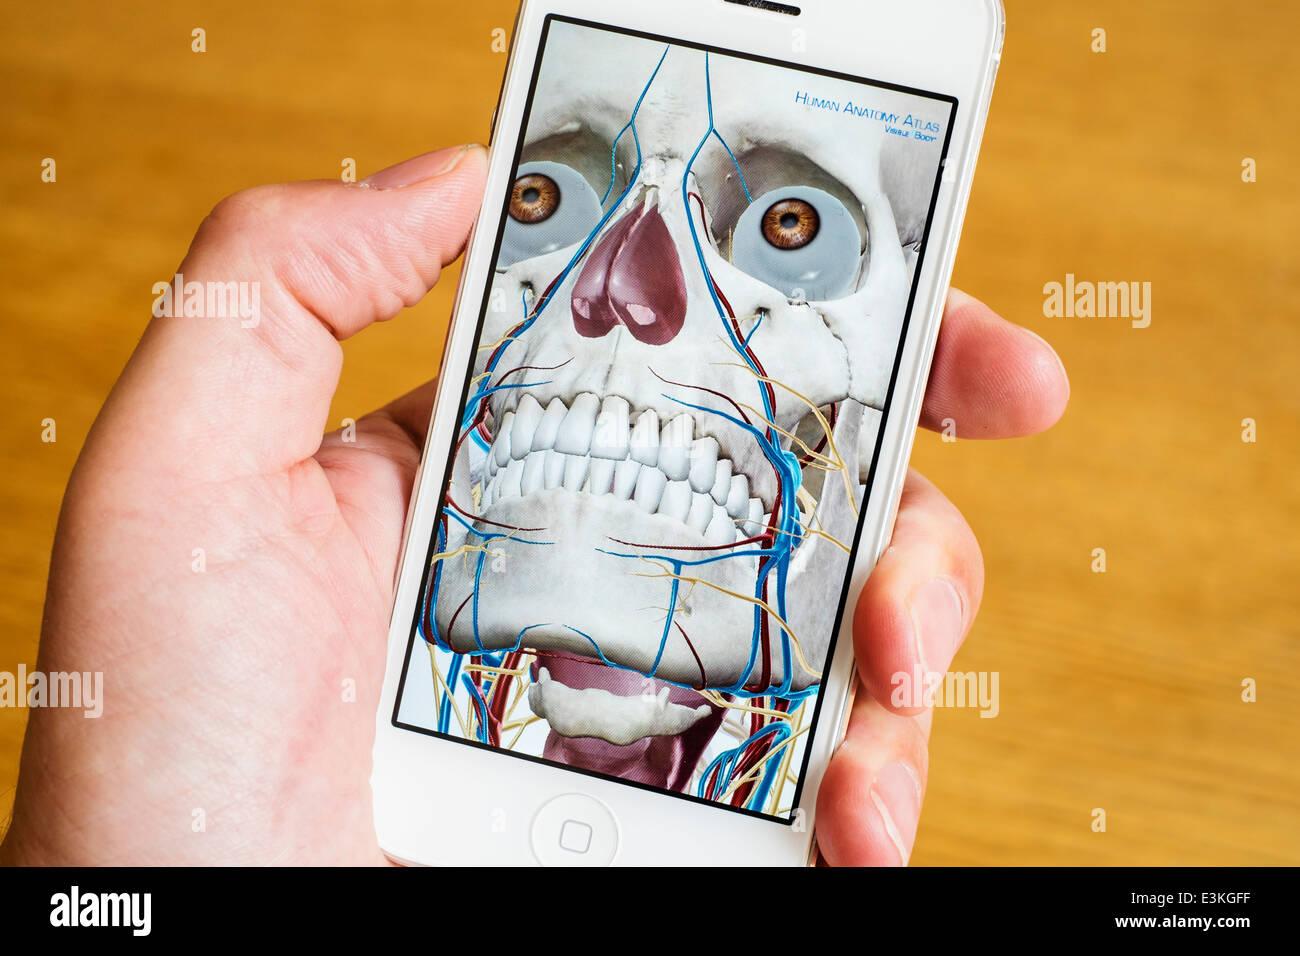 Detalle de educación médica atlas anatomía humana en 3D en un iPhone teléfonos inteligentes. Imagen De Stock